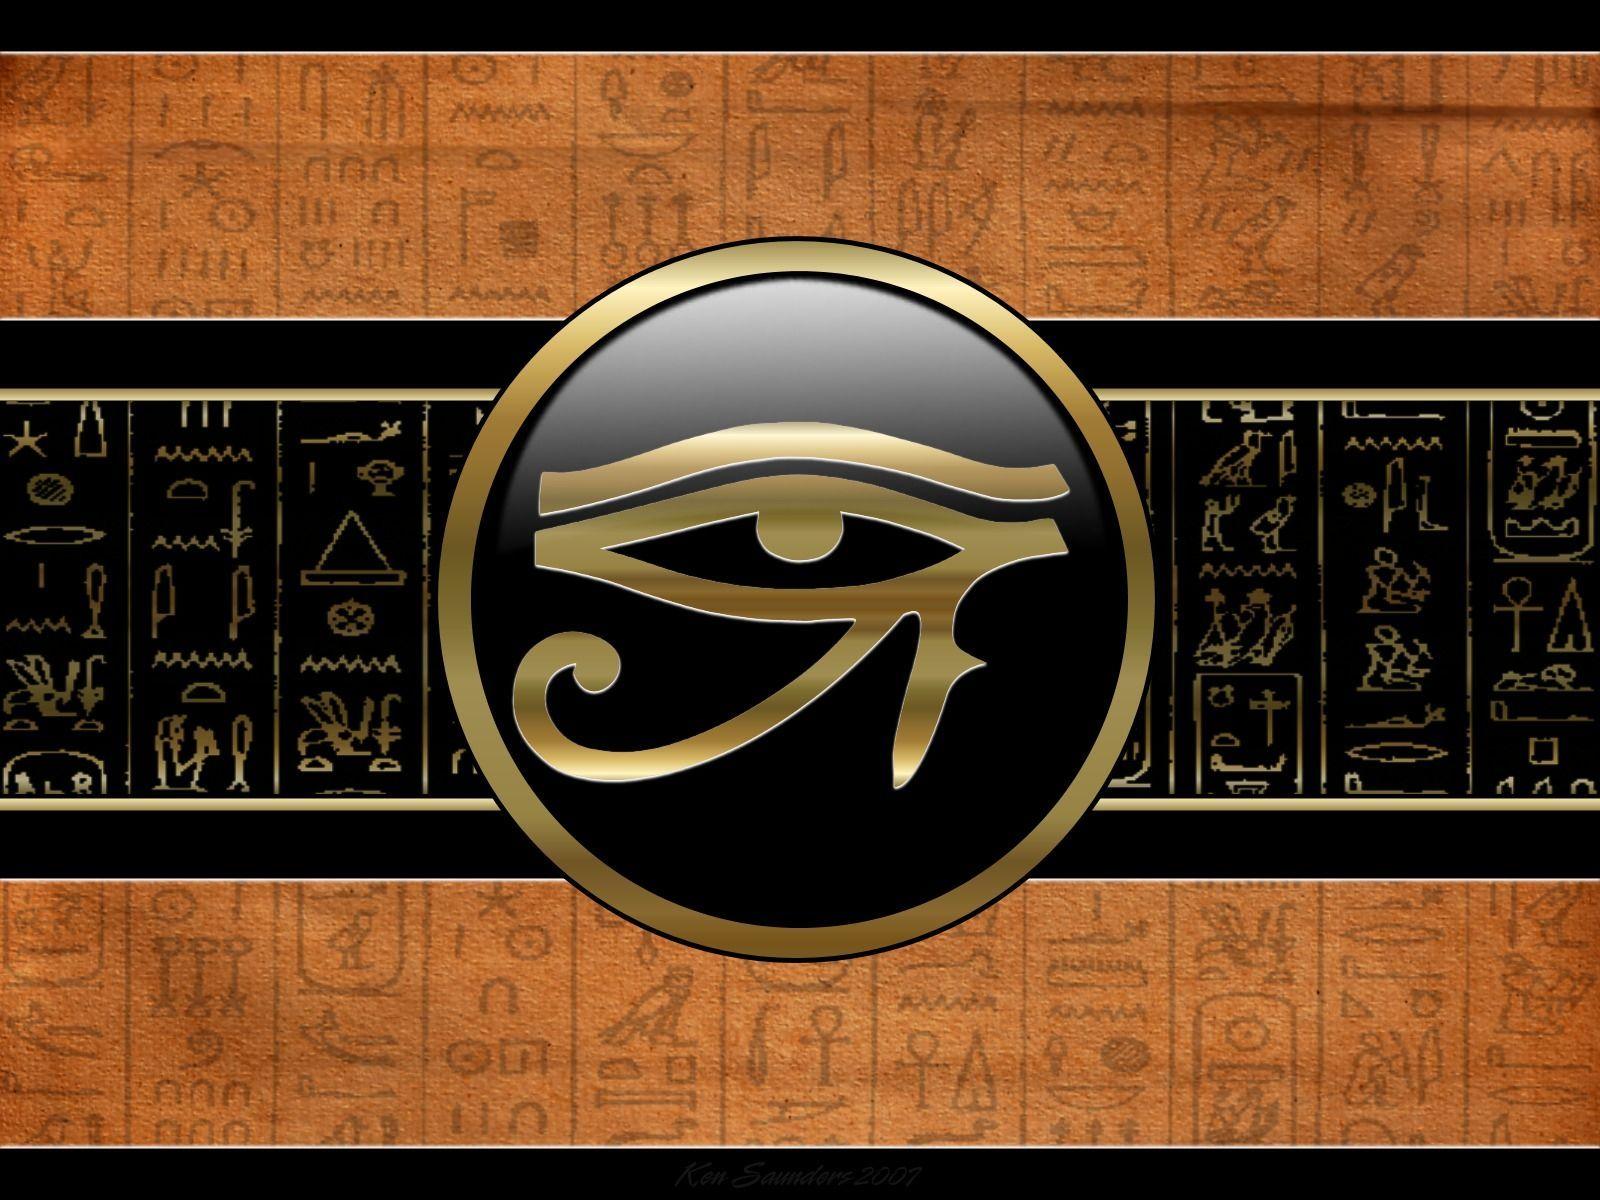 Ekpdfah Jpg 1600 1200 Eye Of Horus Ancient Egypt Art Horus